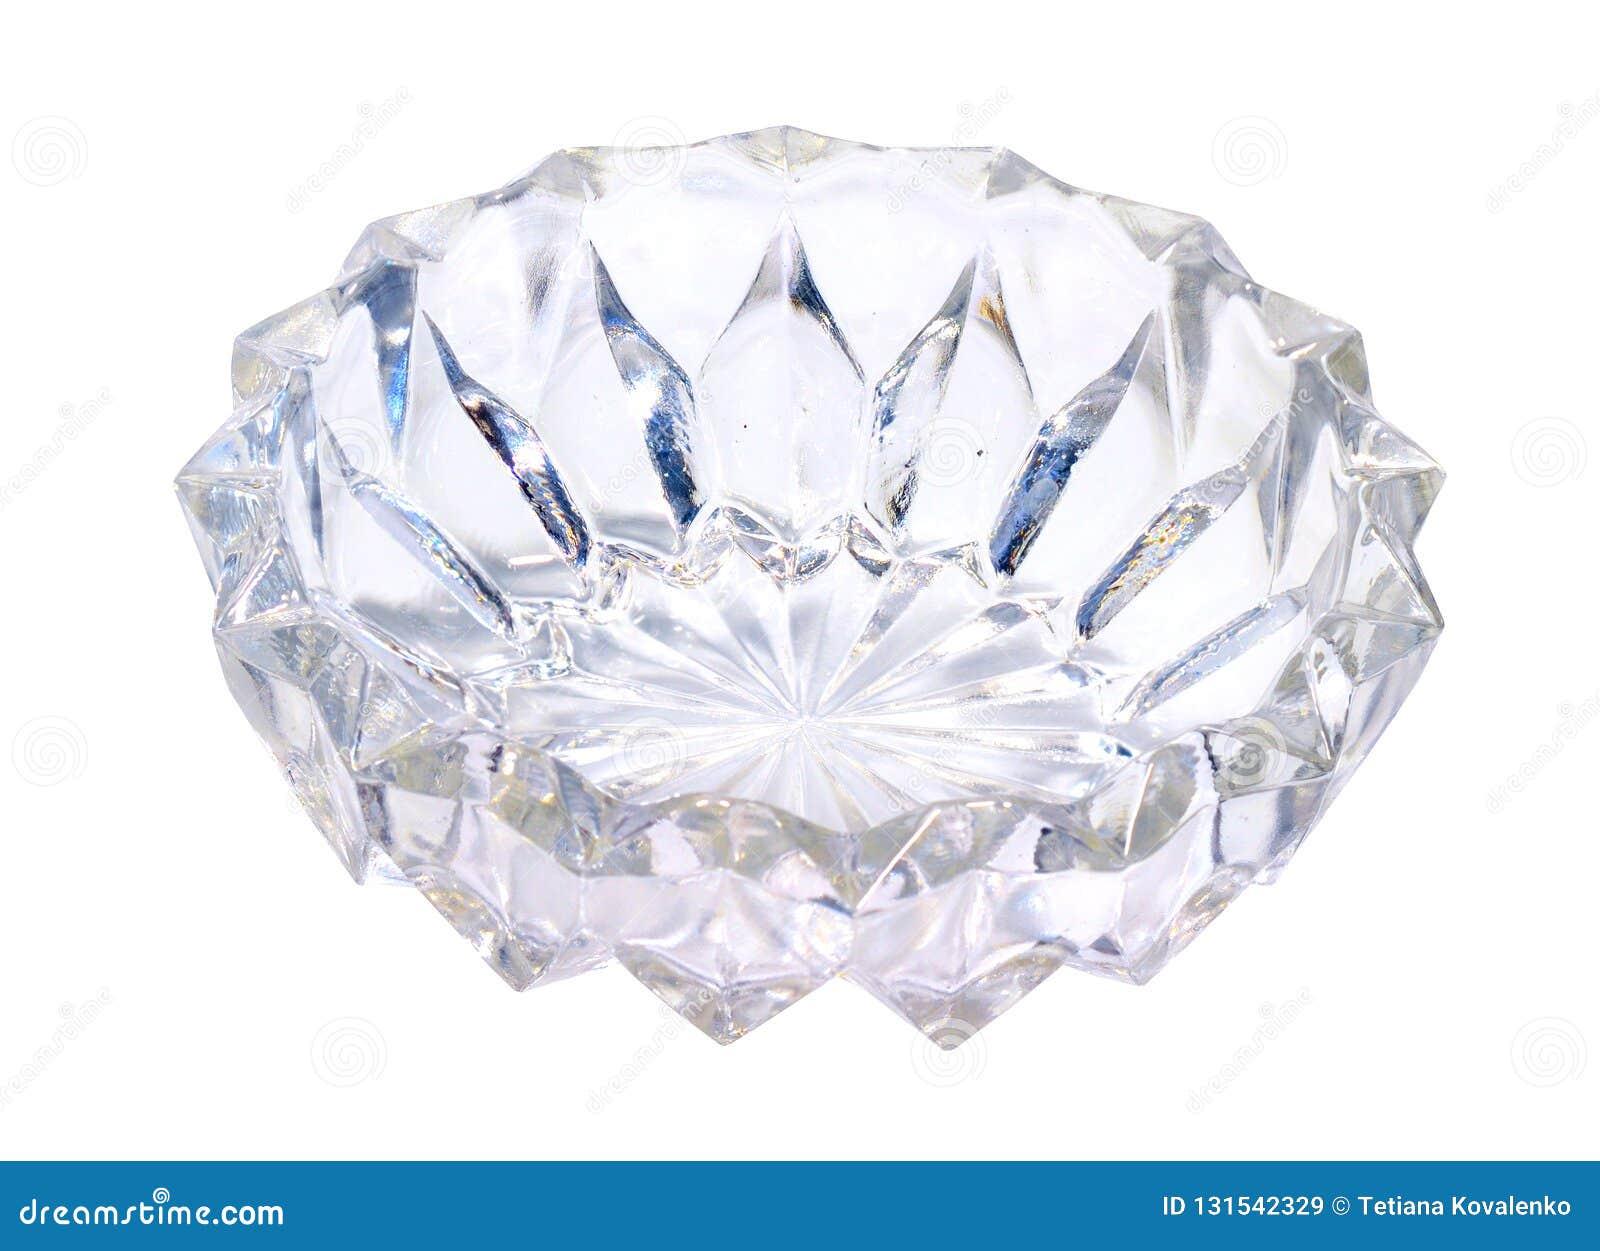 Vaso ou prato de vidro Isolado no fundo branco